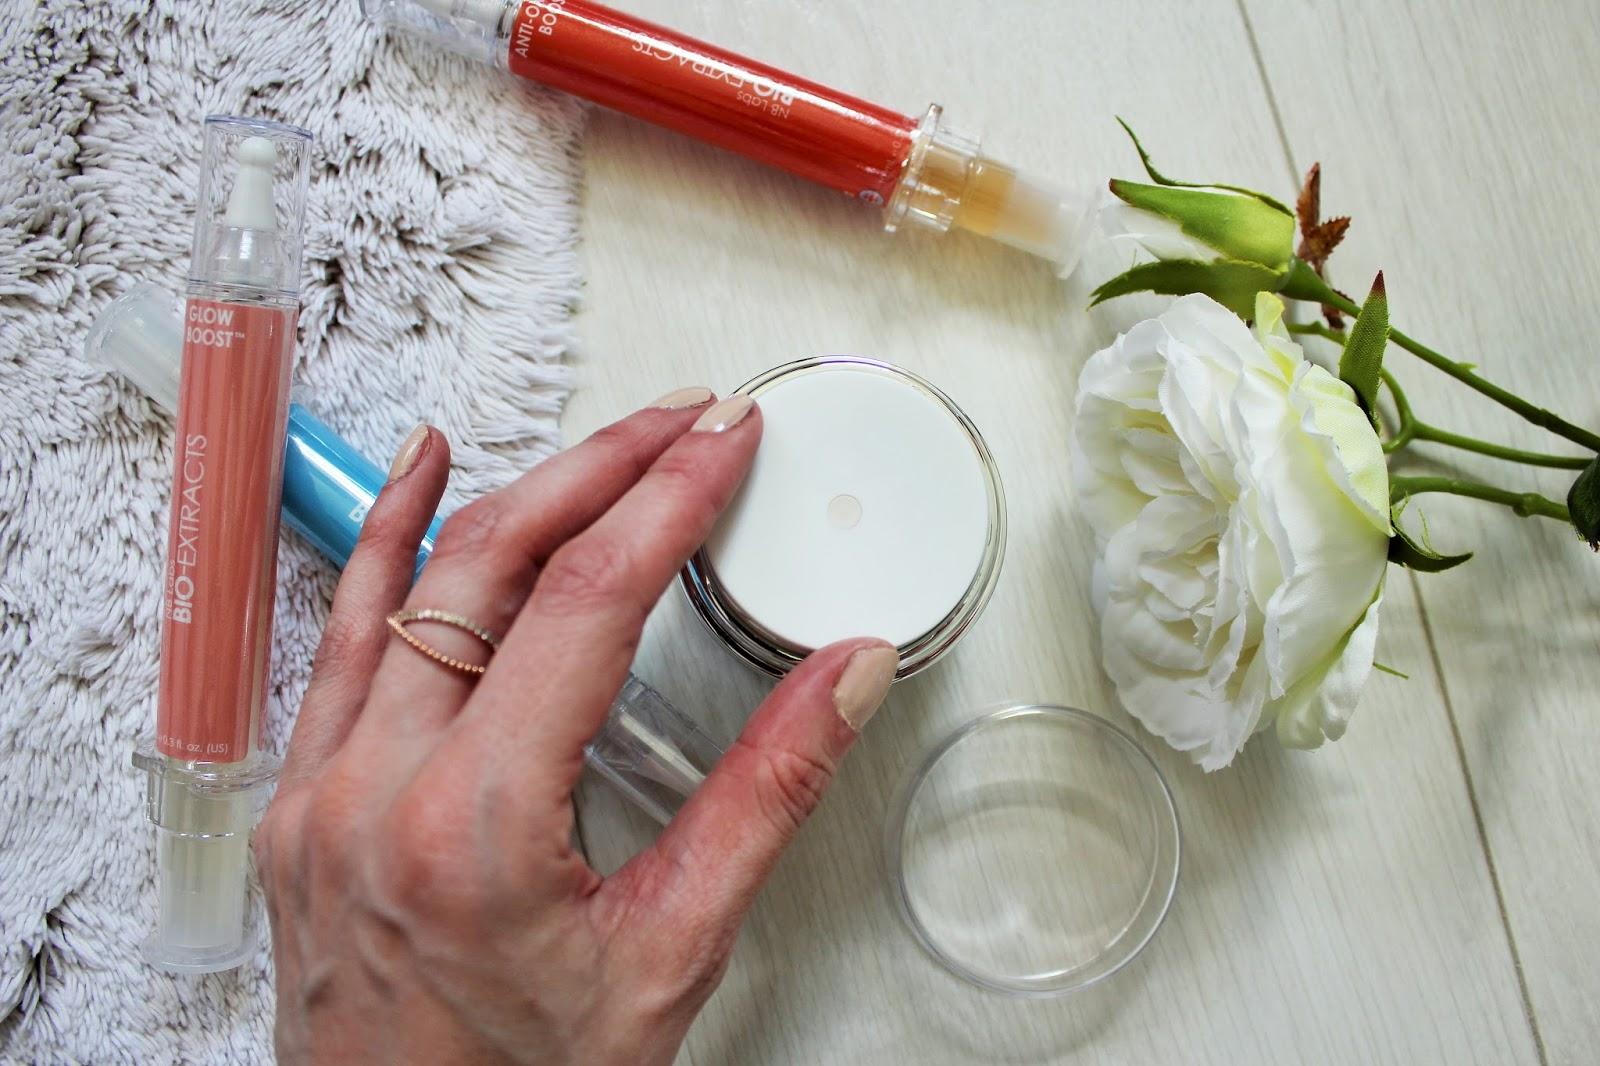 Bespoke Vegan Skincare From Bio-Extracts - 6